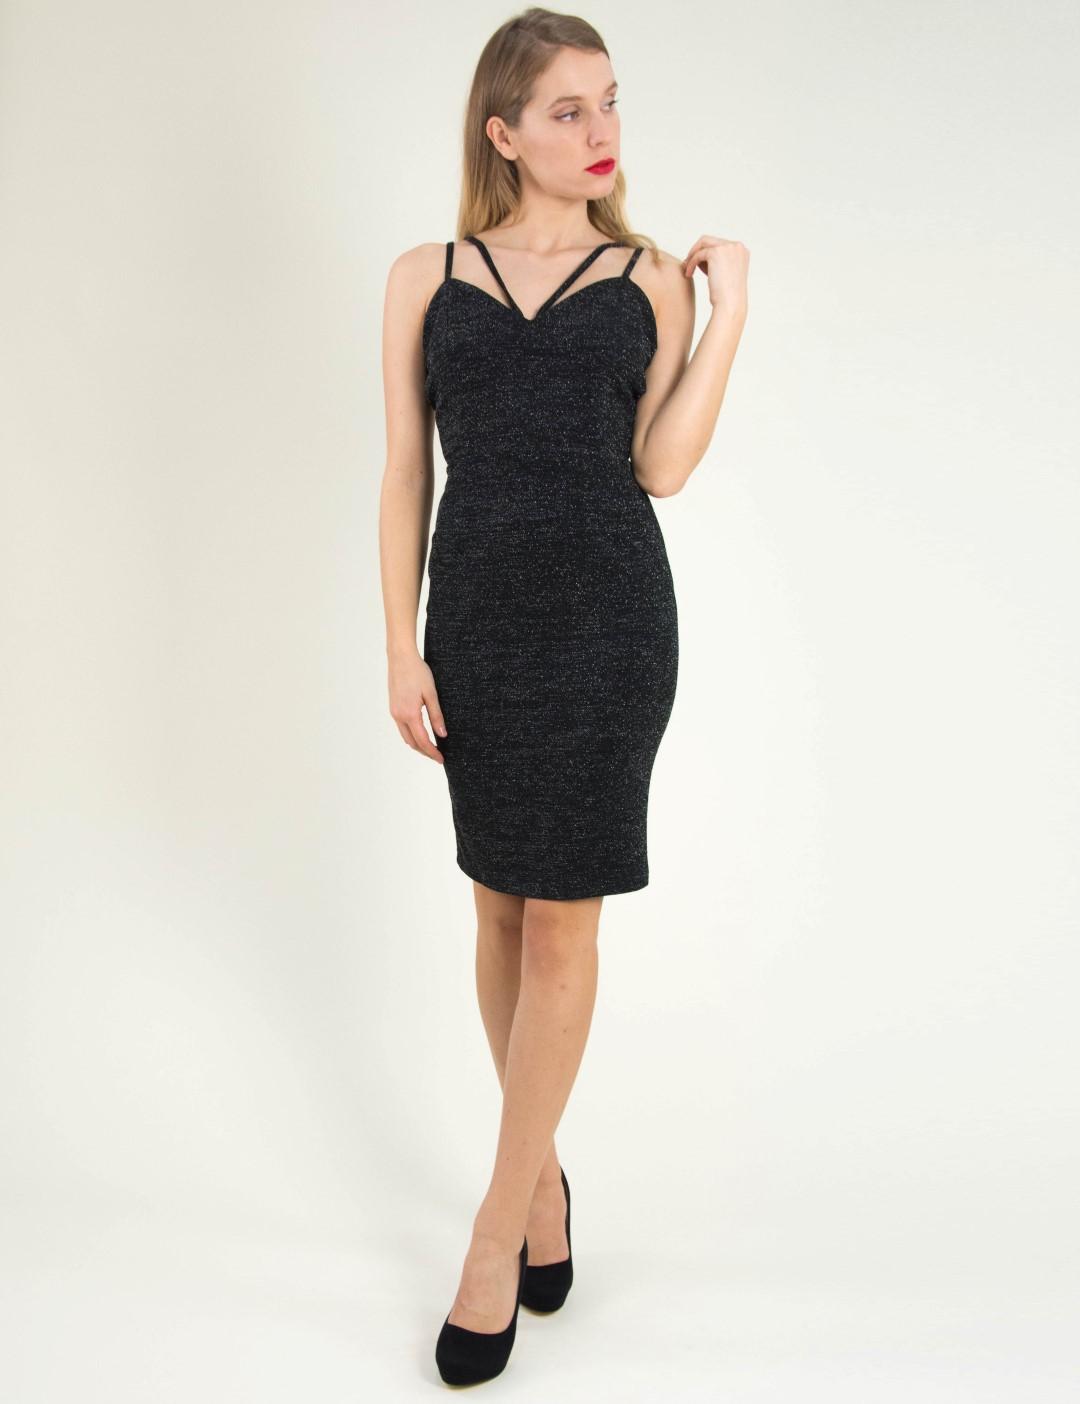 06a220ec5080 Γυναικείο μαύρο εφαρμοστό φόρεμα Lurex ραντάκι 8307174